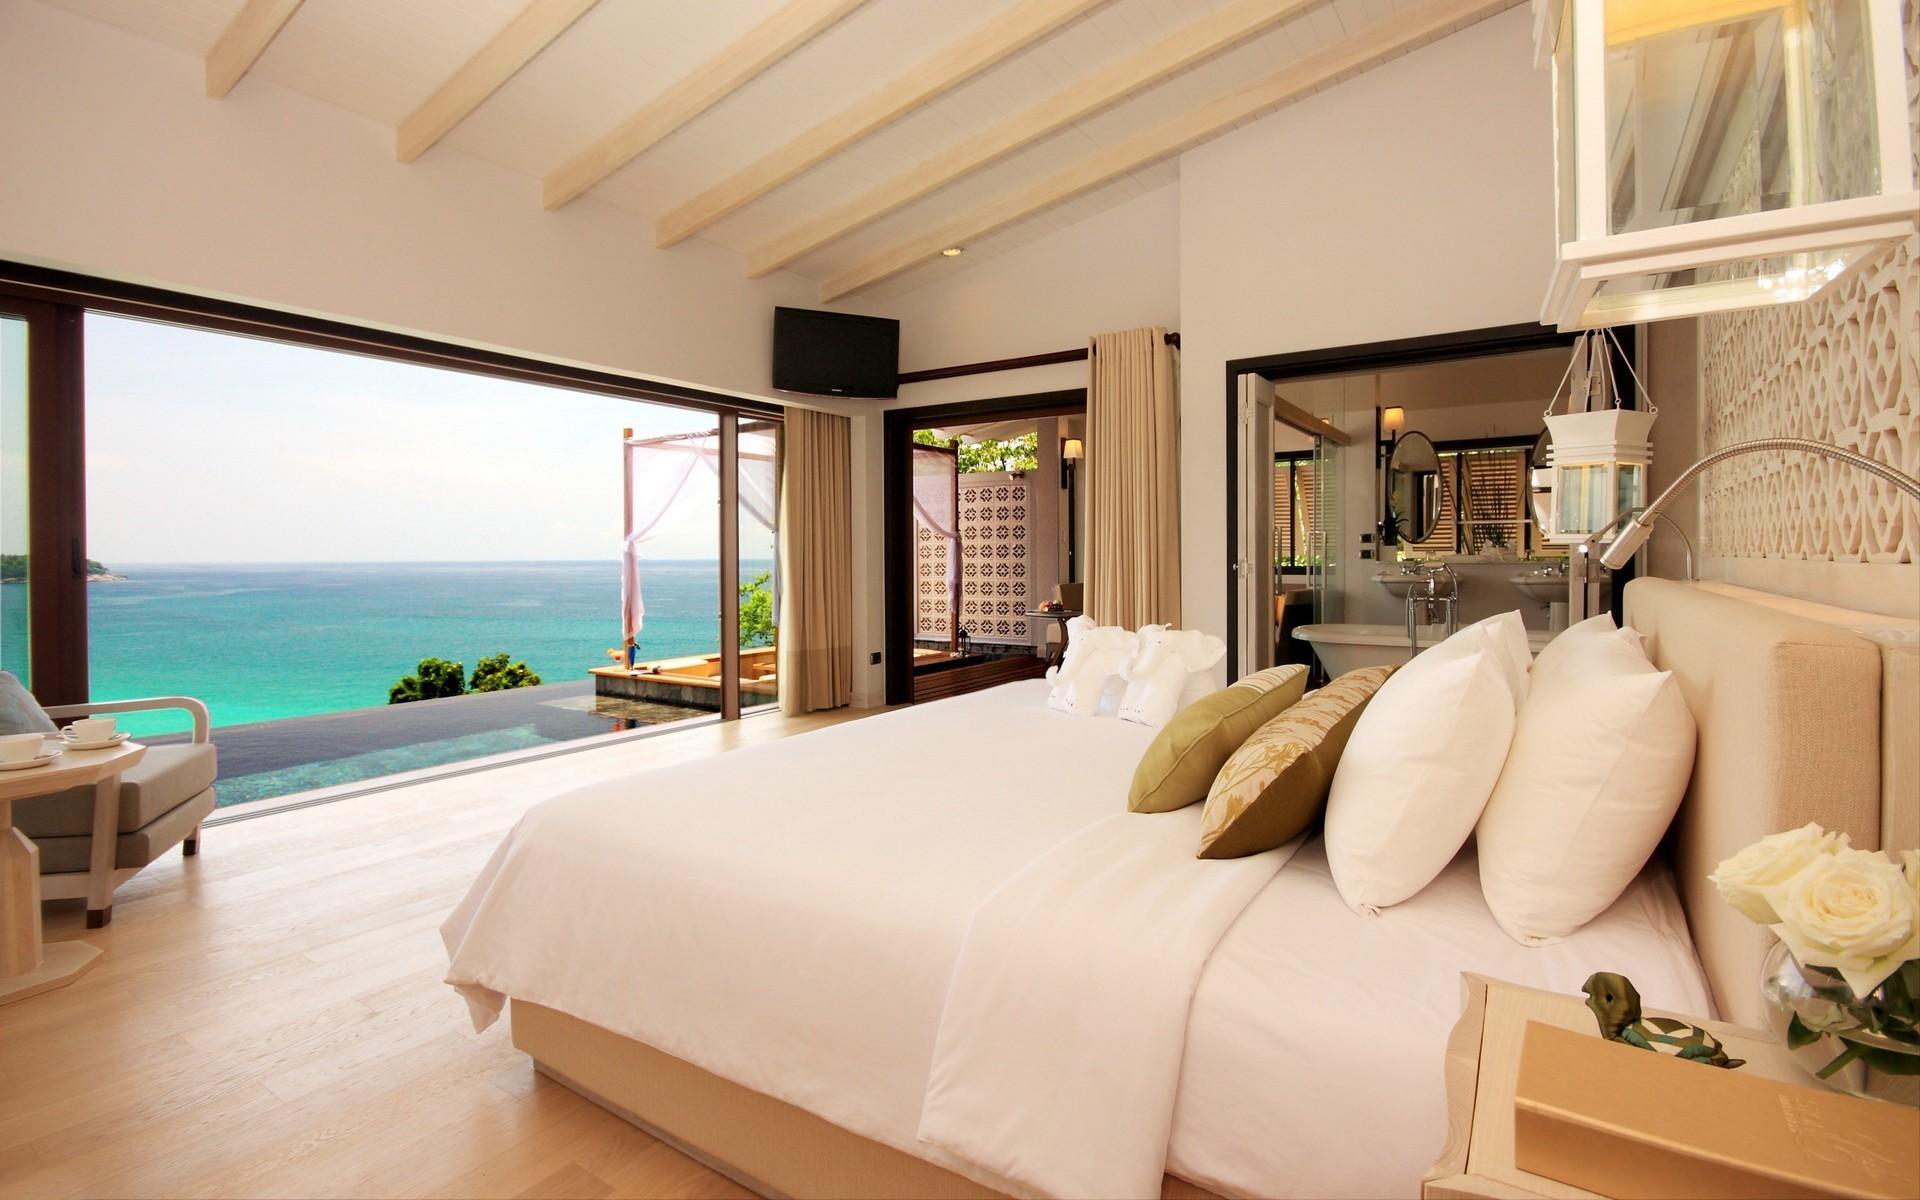 1-chambre-a-coucher-adulte-lit-adulte-idée-déco-design-d'intérieur-belle-vue